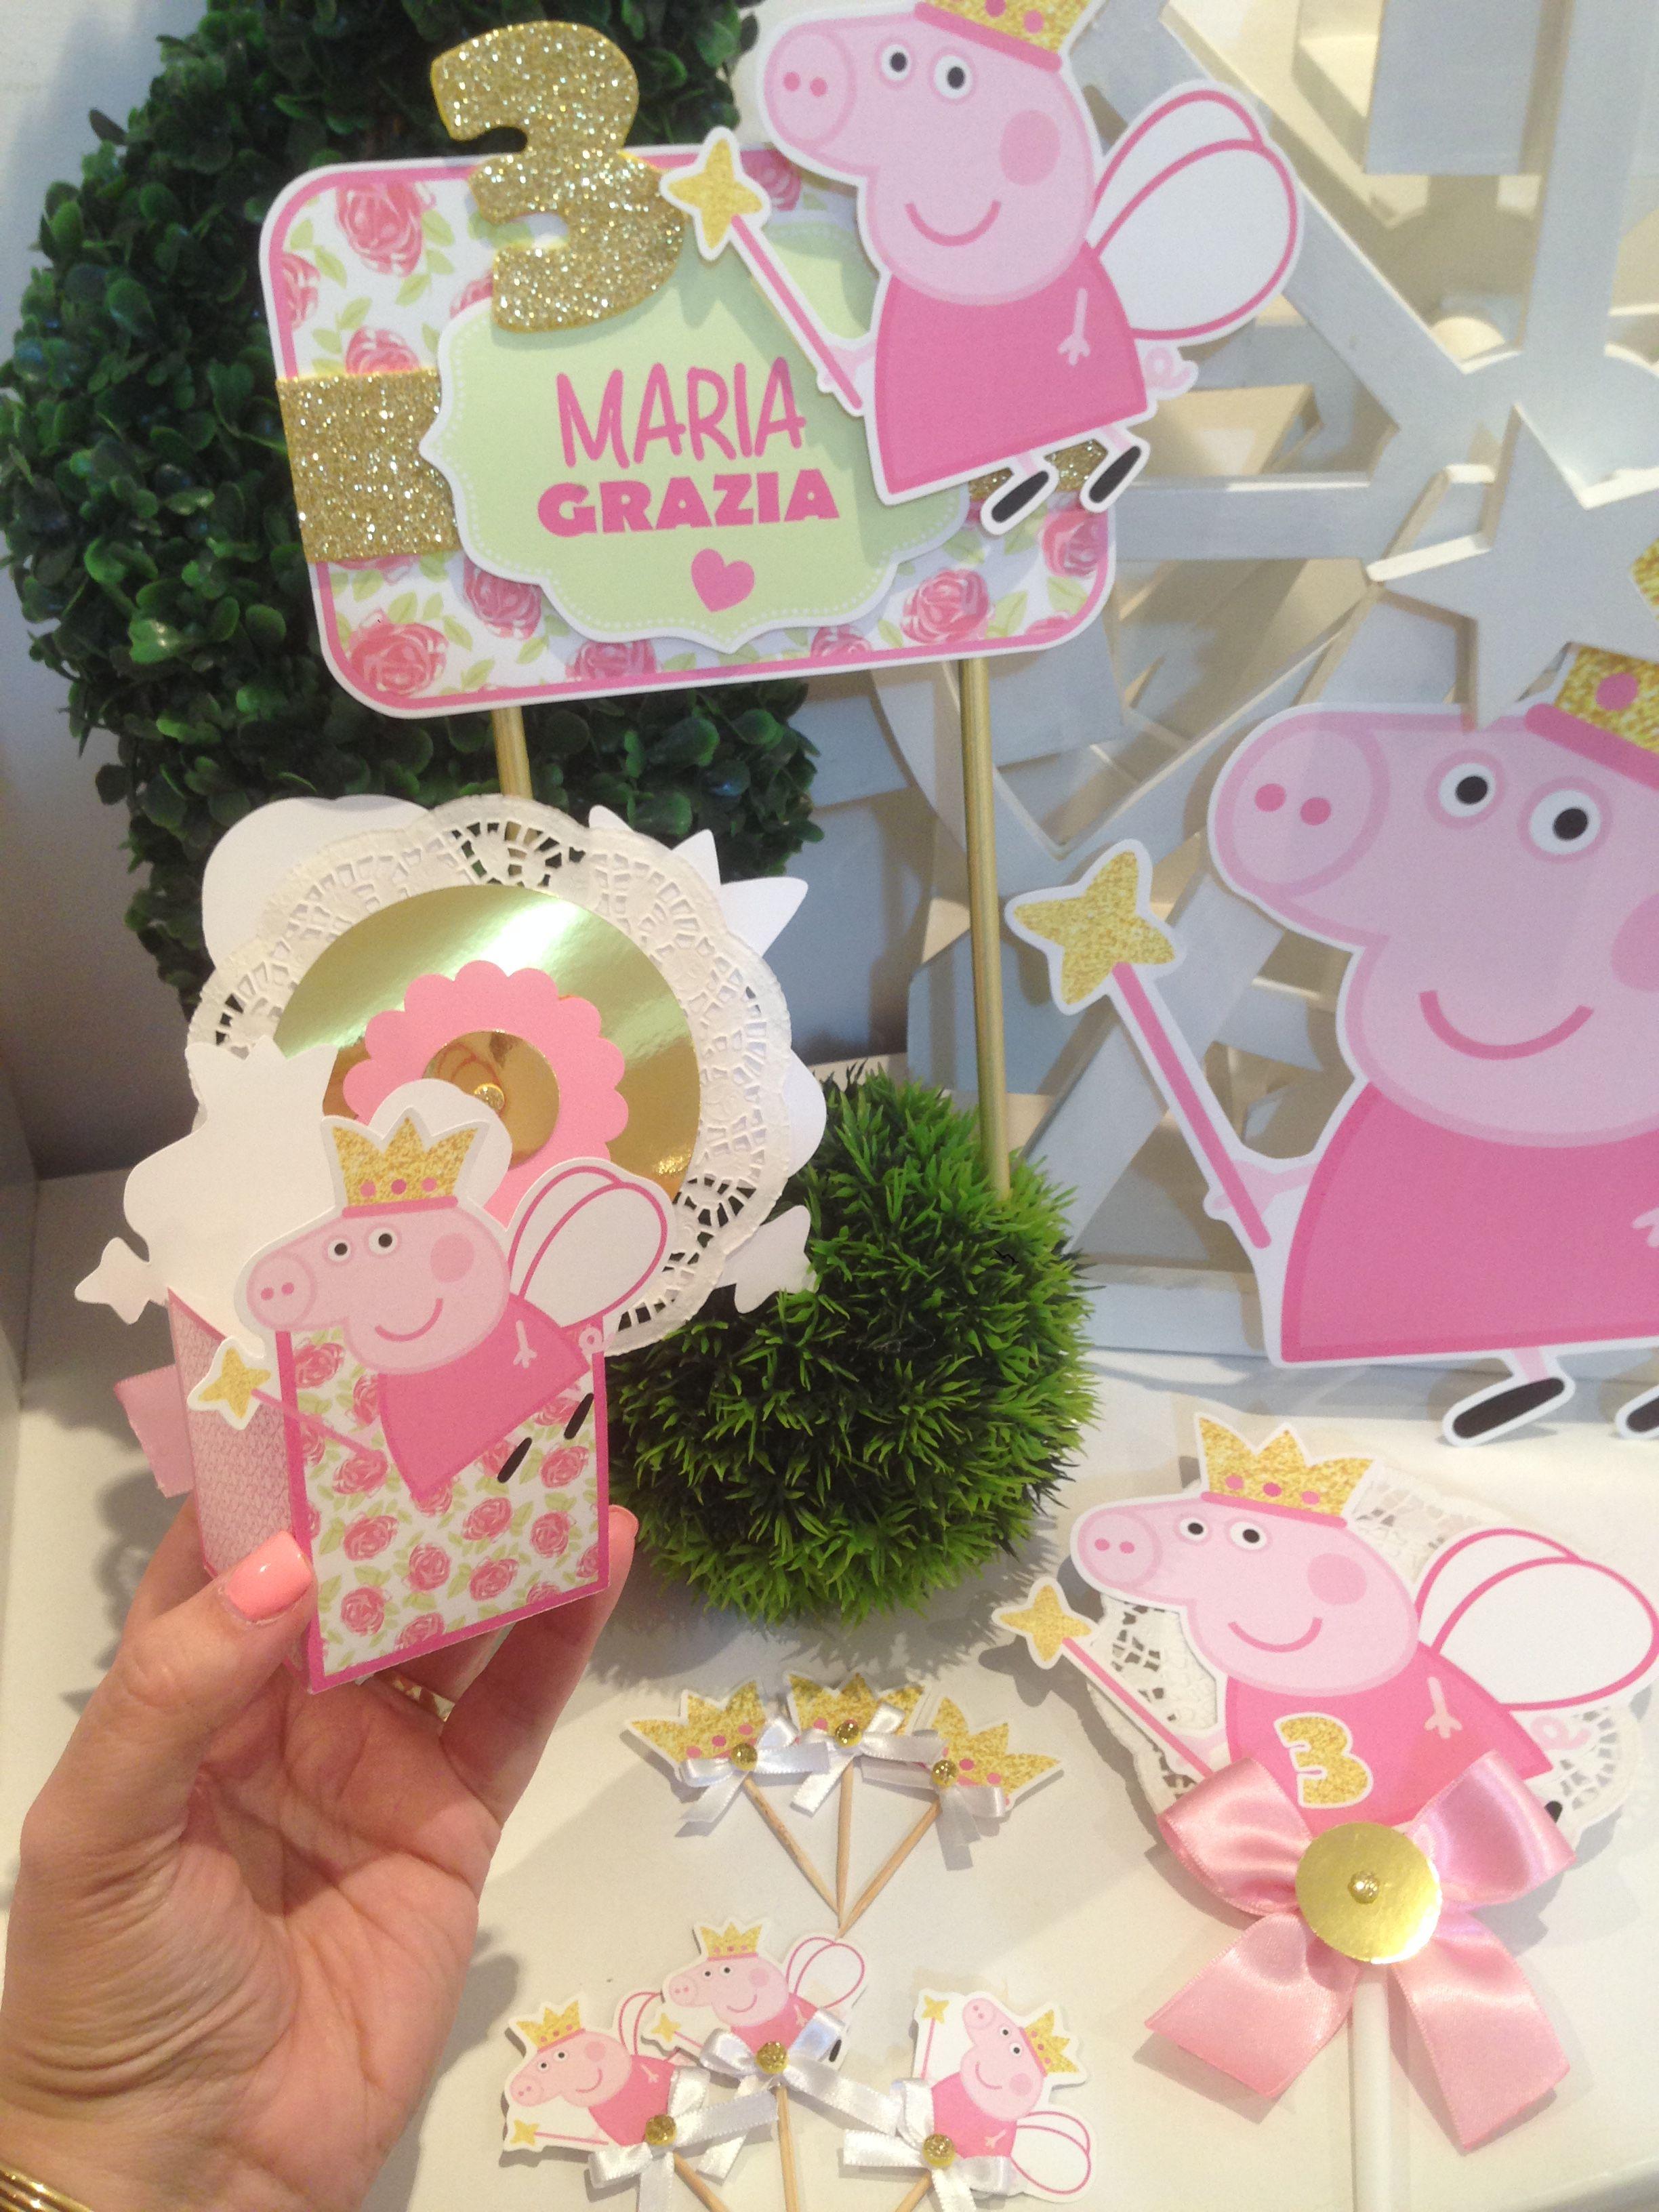 Detalles Peppa Hada Con Dorado Fiesta De Cumpleaños De Peppa Pig Decoración De Fiestas Infantiles Cumpleaños Minnie